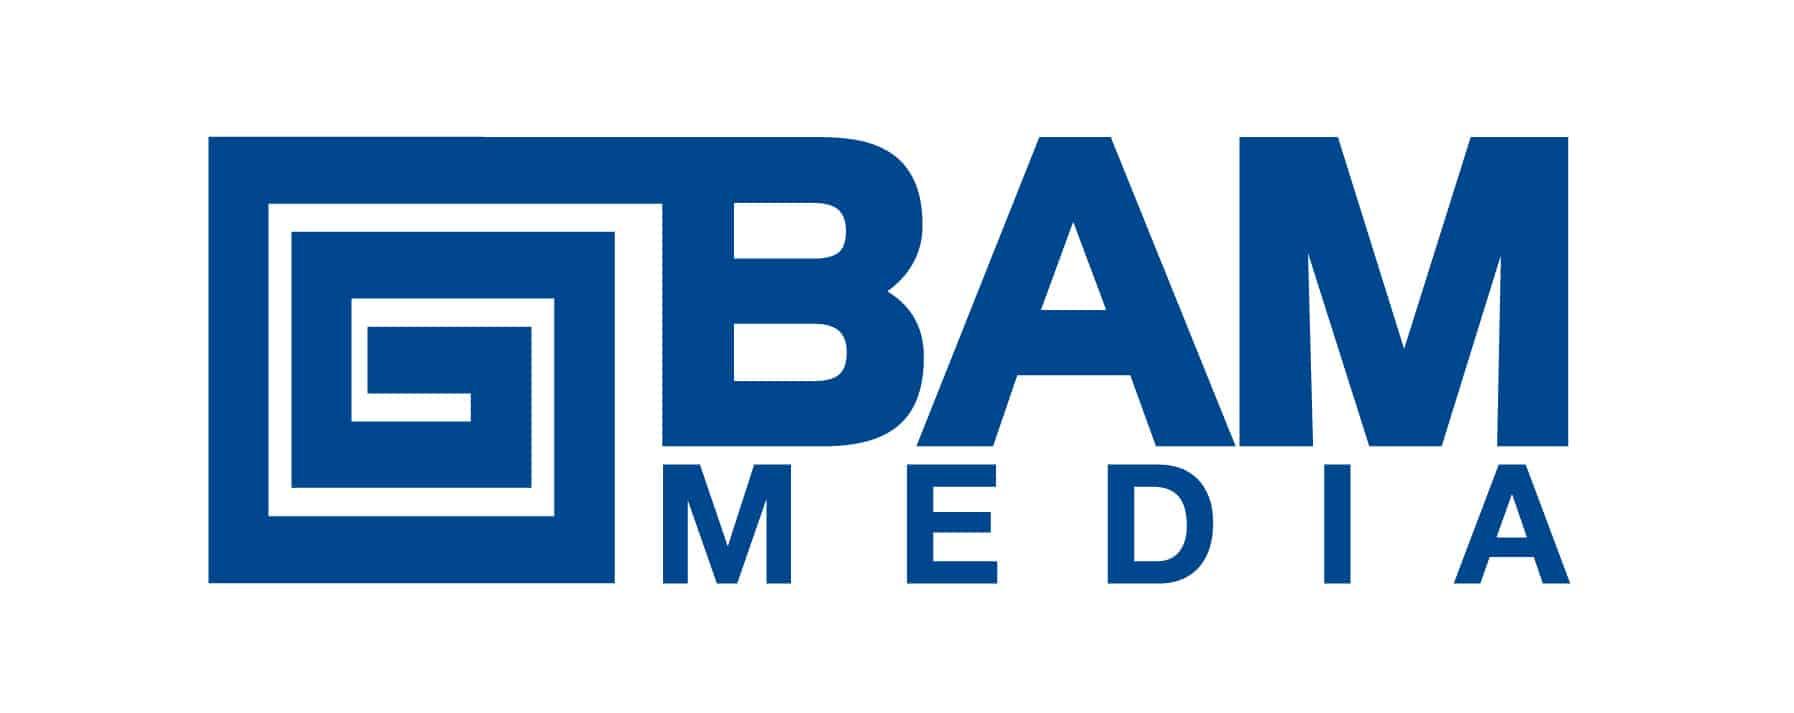 BAM Media